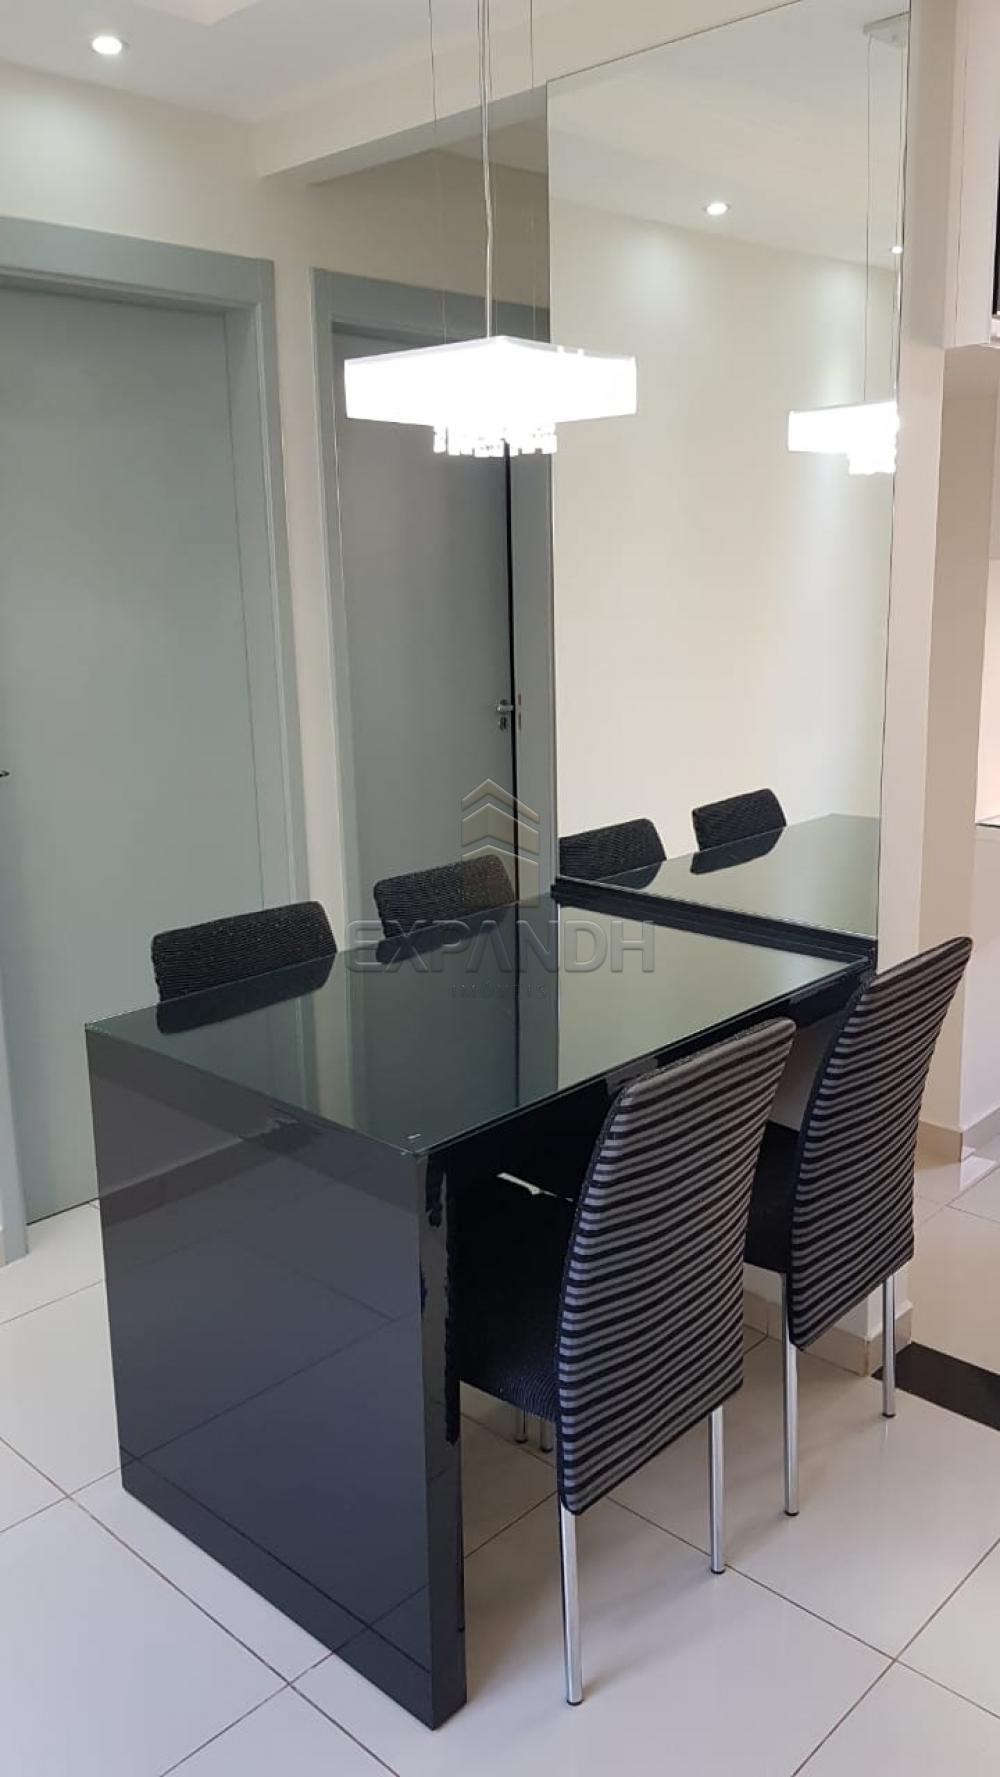 Comprar Apartamentos / Padrão em Sertãozinho R$ 150.000,00 - Foto 14